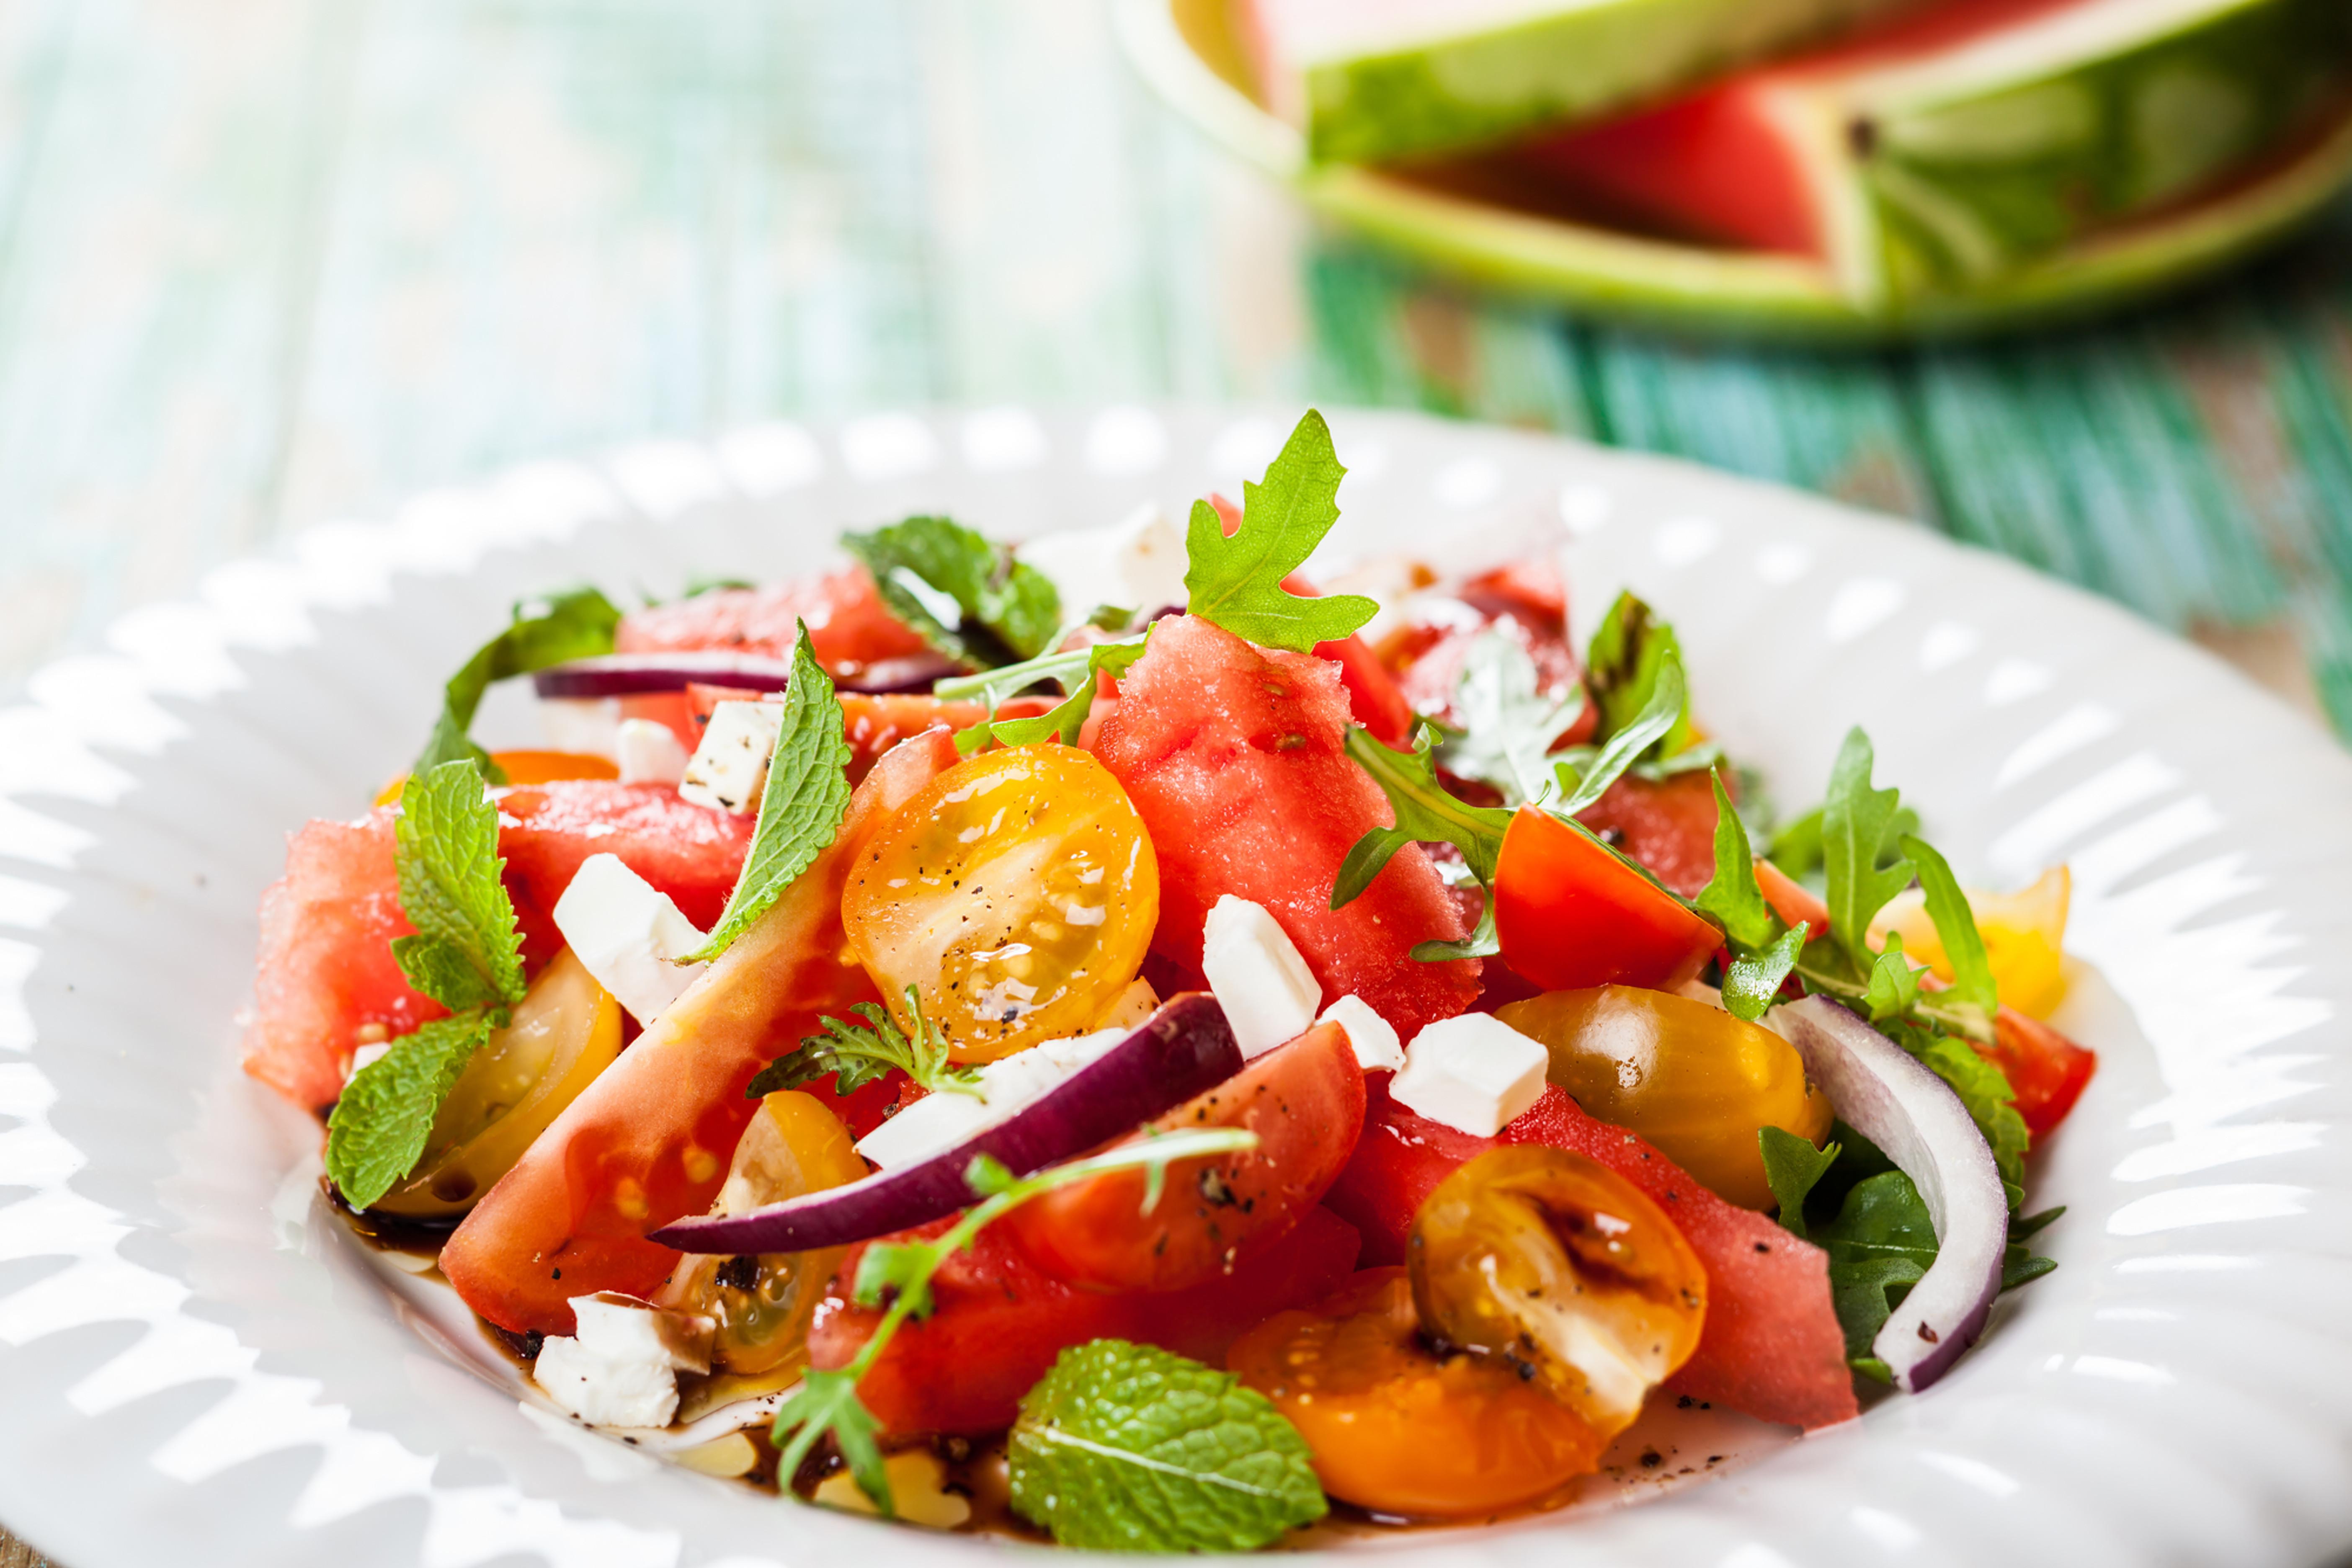 Diet & Nutrition Care Program